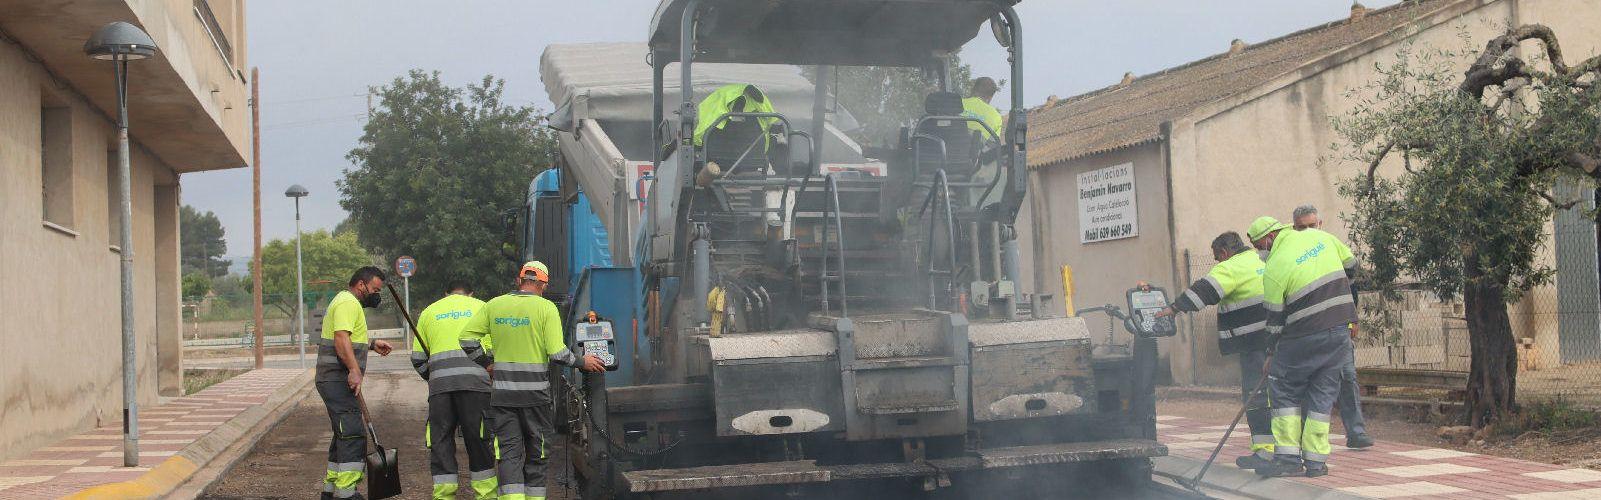 L'Aldea arranja els carrers i camins danyats pel temporal Glòria